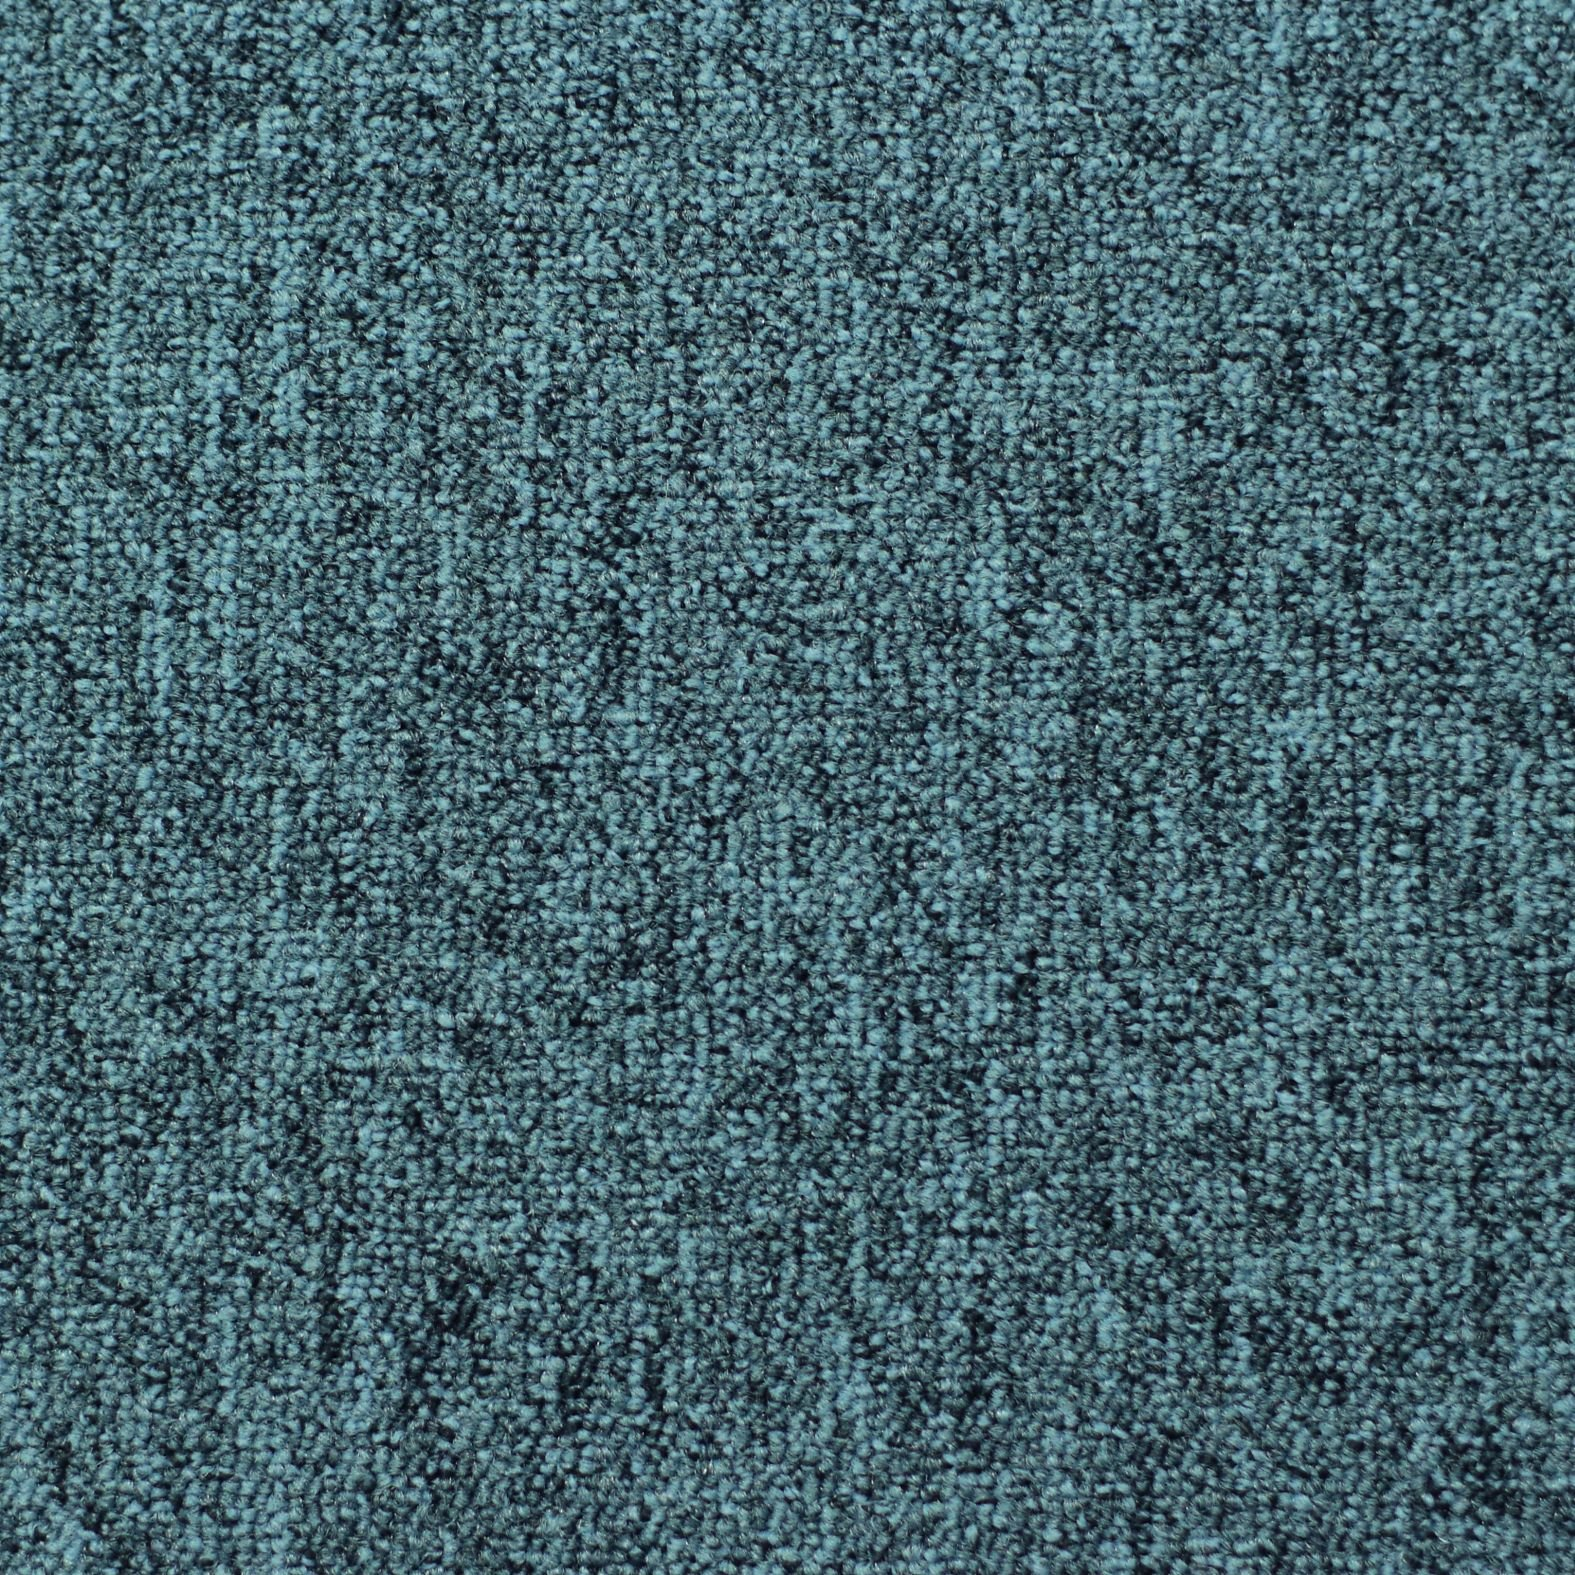 Ковровая Плитка Everest (Эверест) 82 голубой